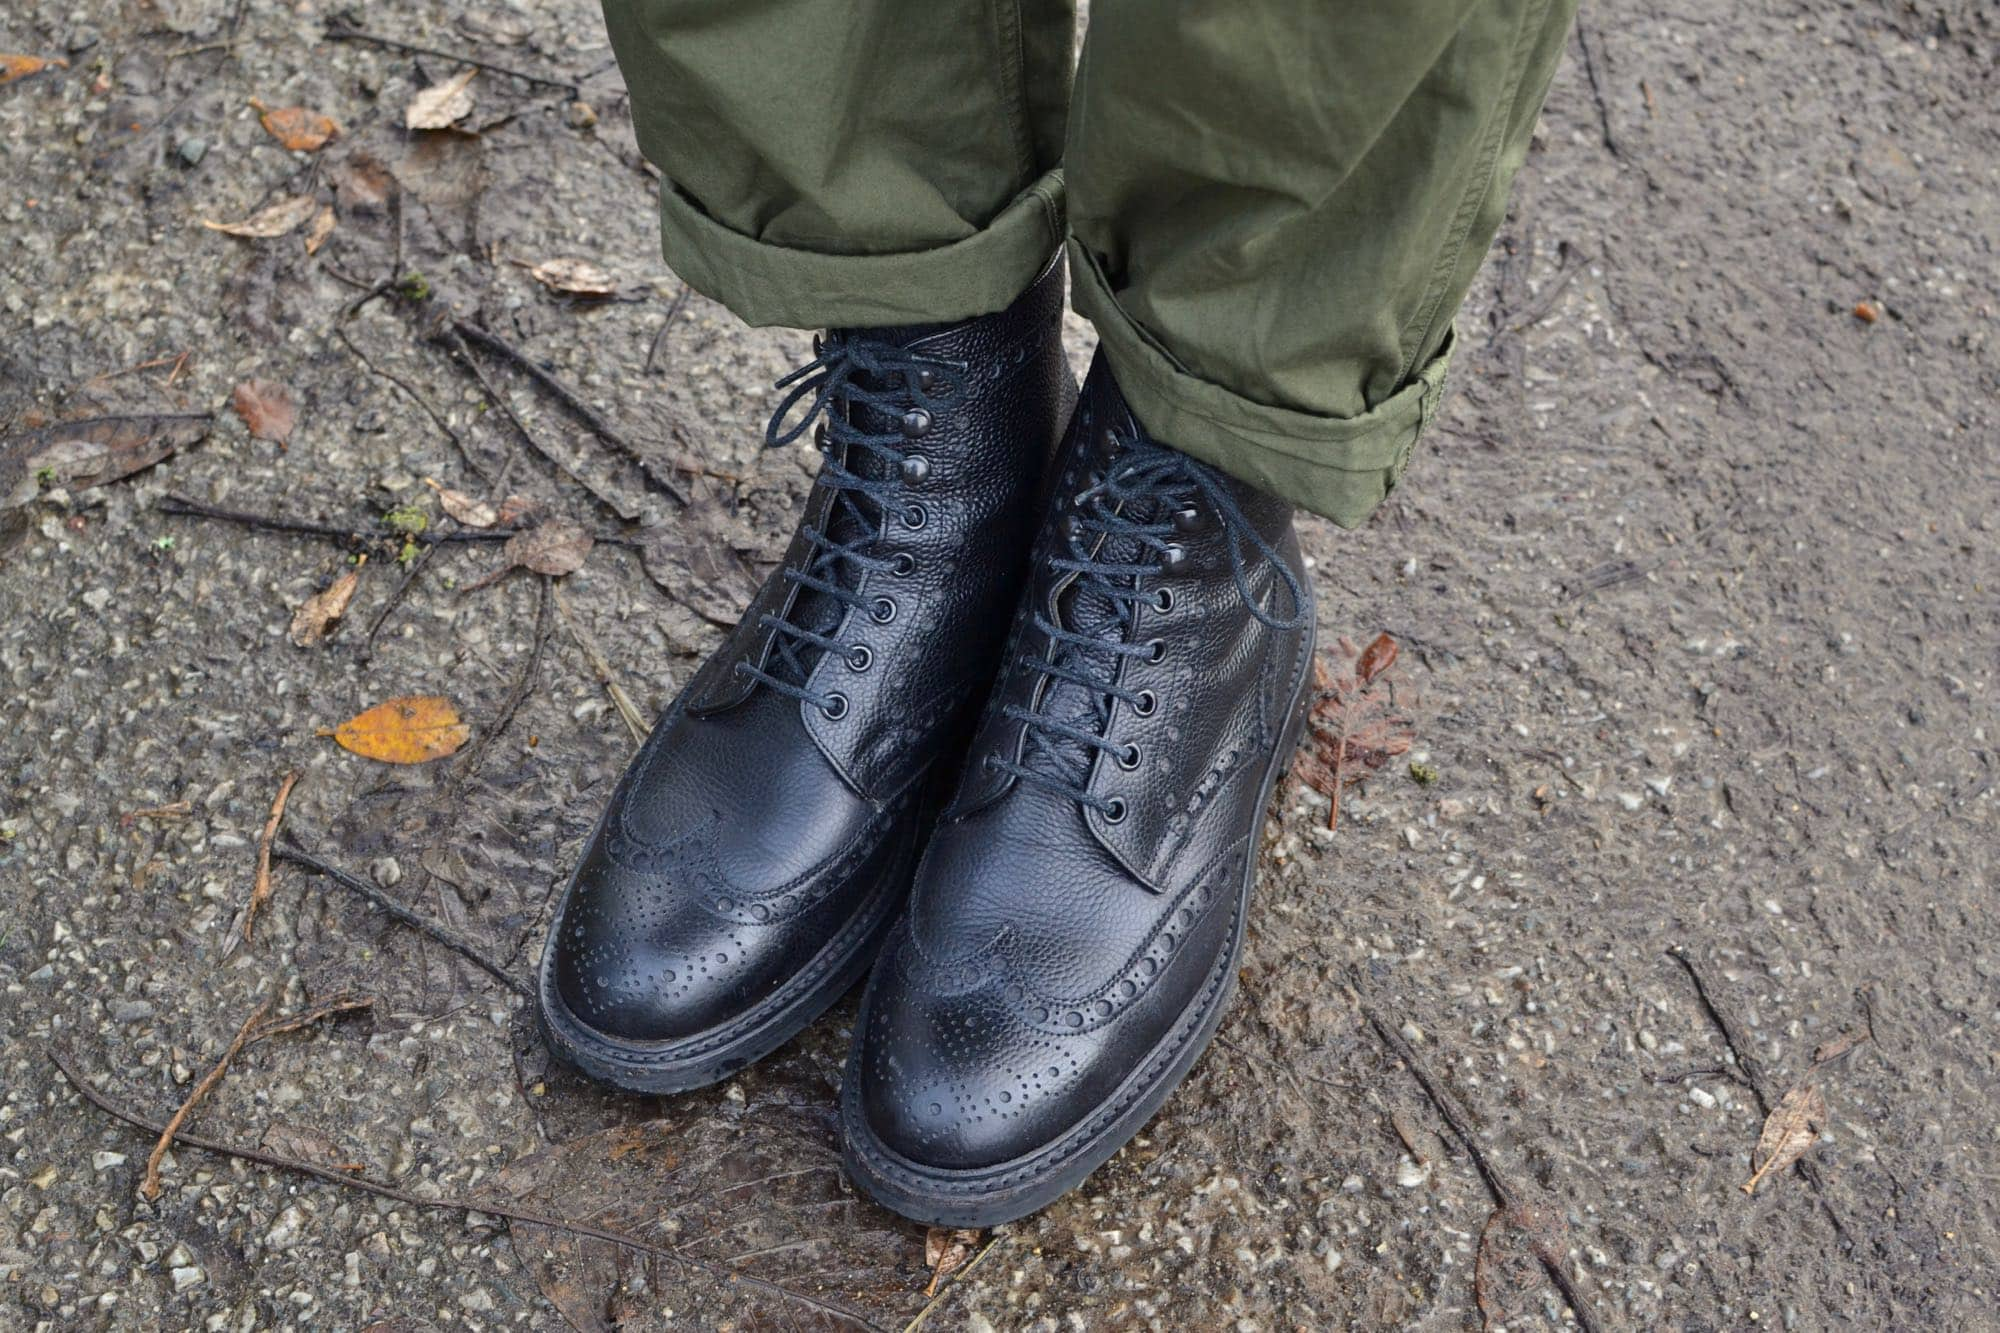 Cheany country boots black des brogies noires en cuir grainé pour homme dans un lookworkwear militaire